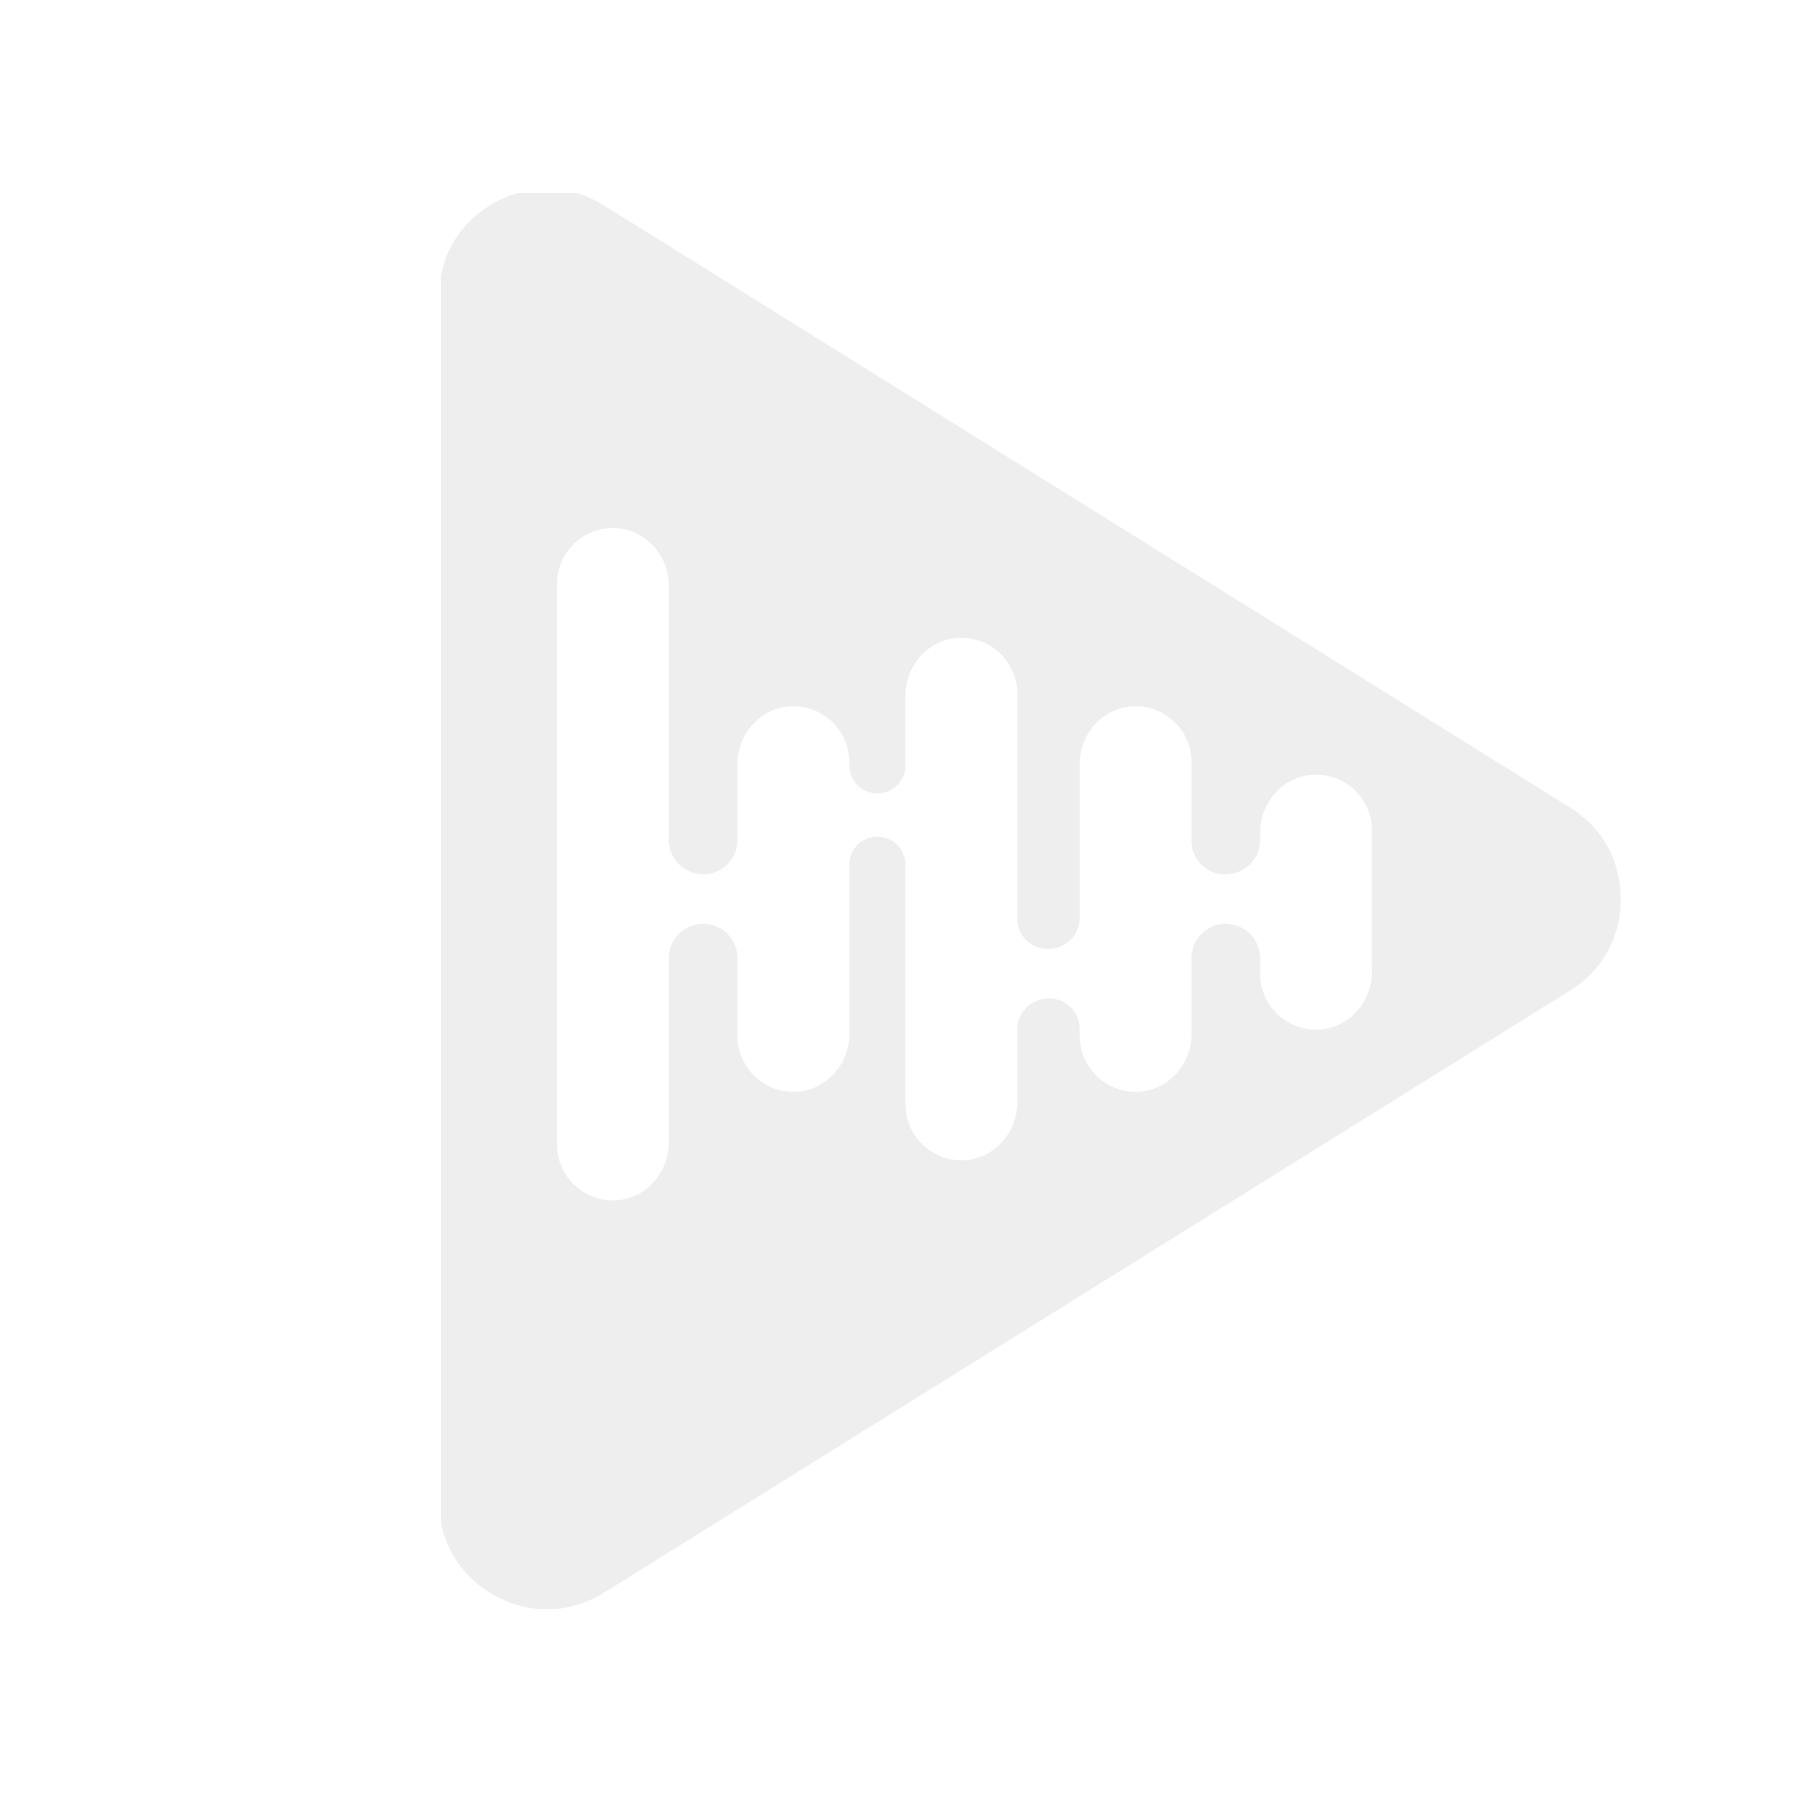 Hertz HCP 4 - DEMO